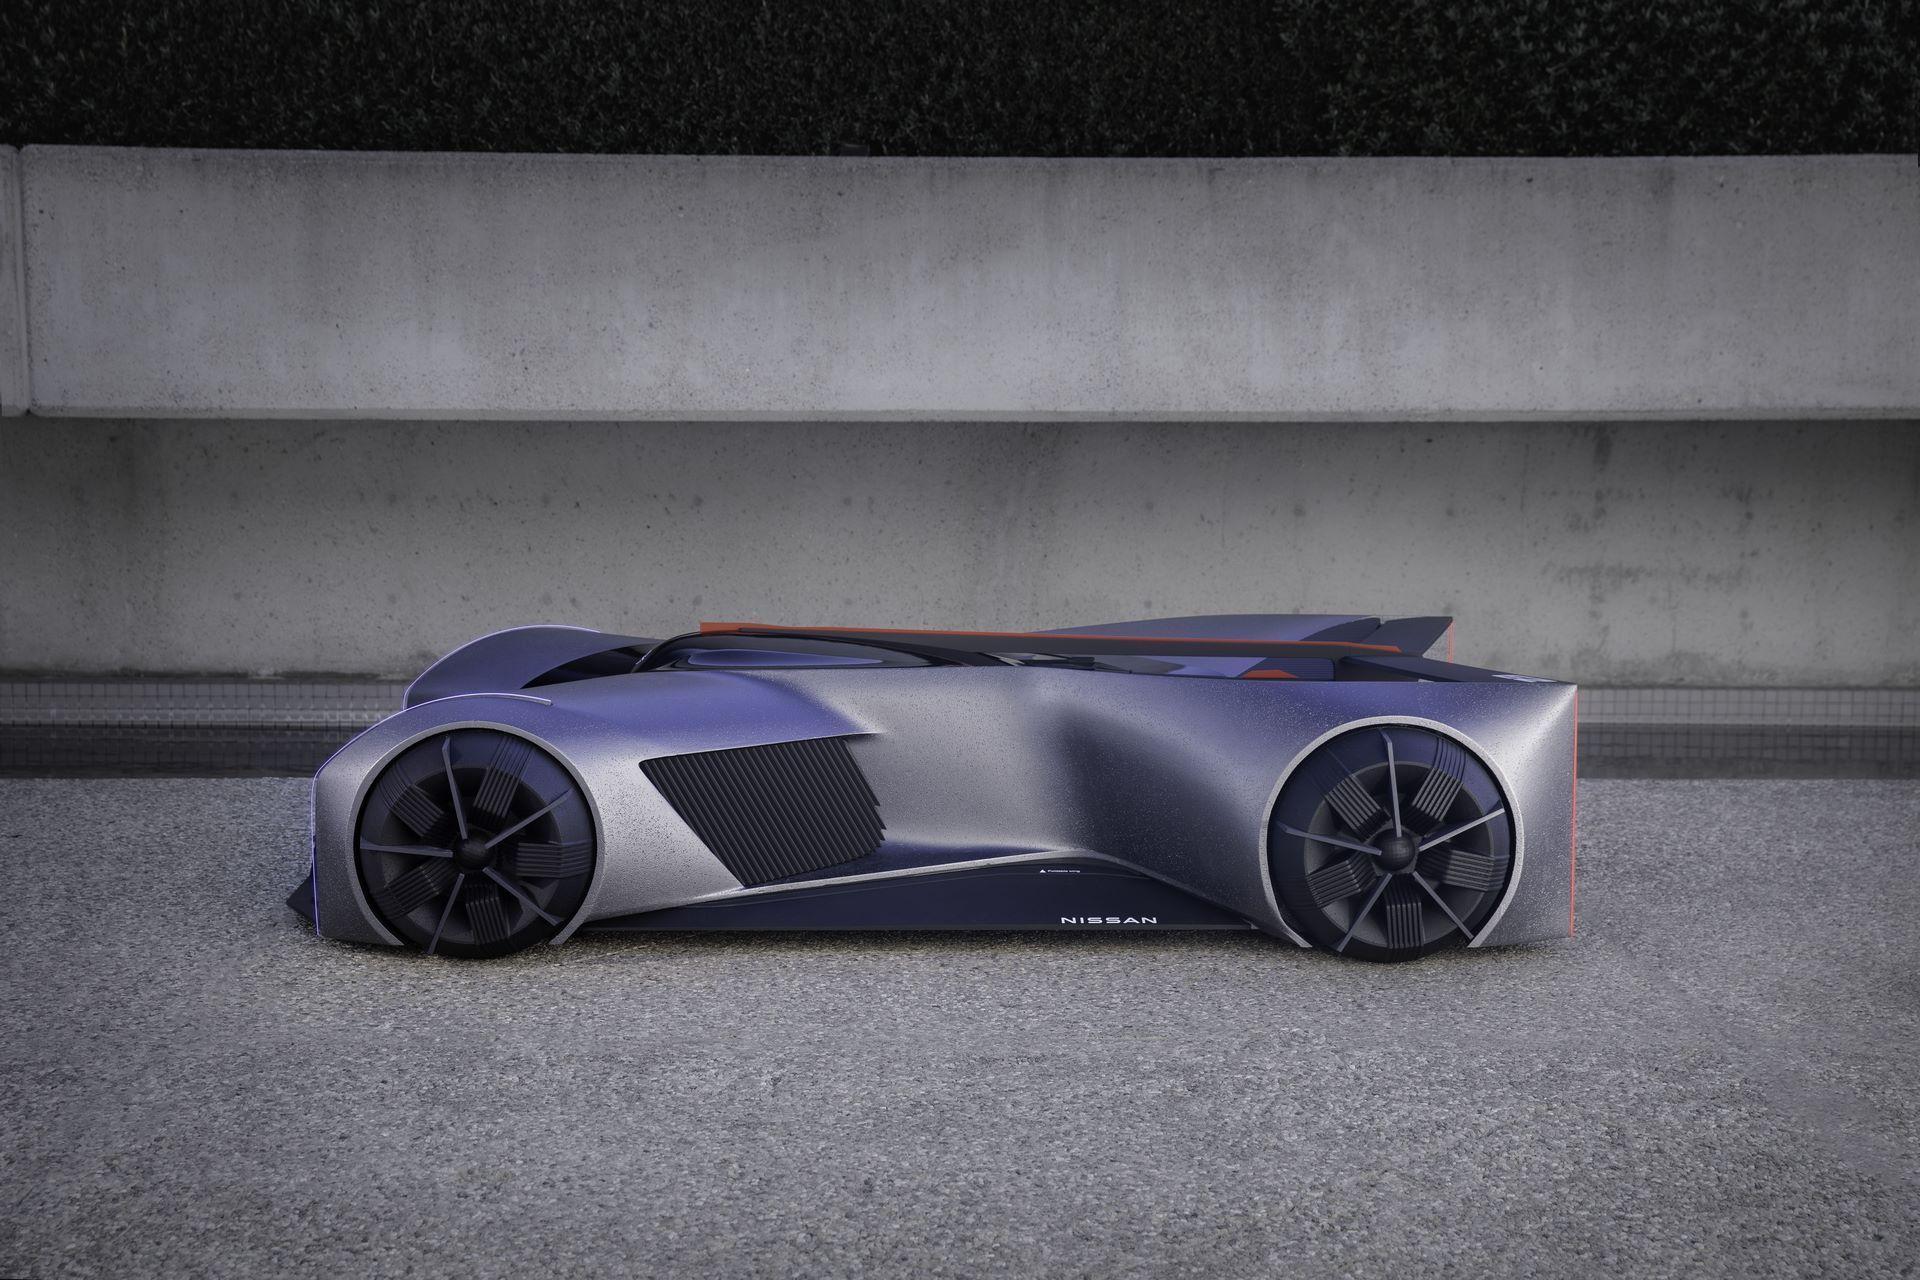 Nissan-GT-R-X-2050-Concept-3